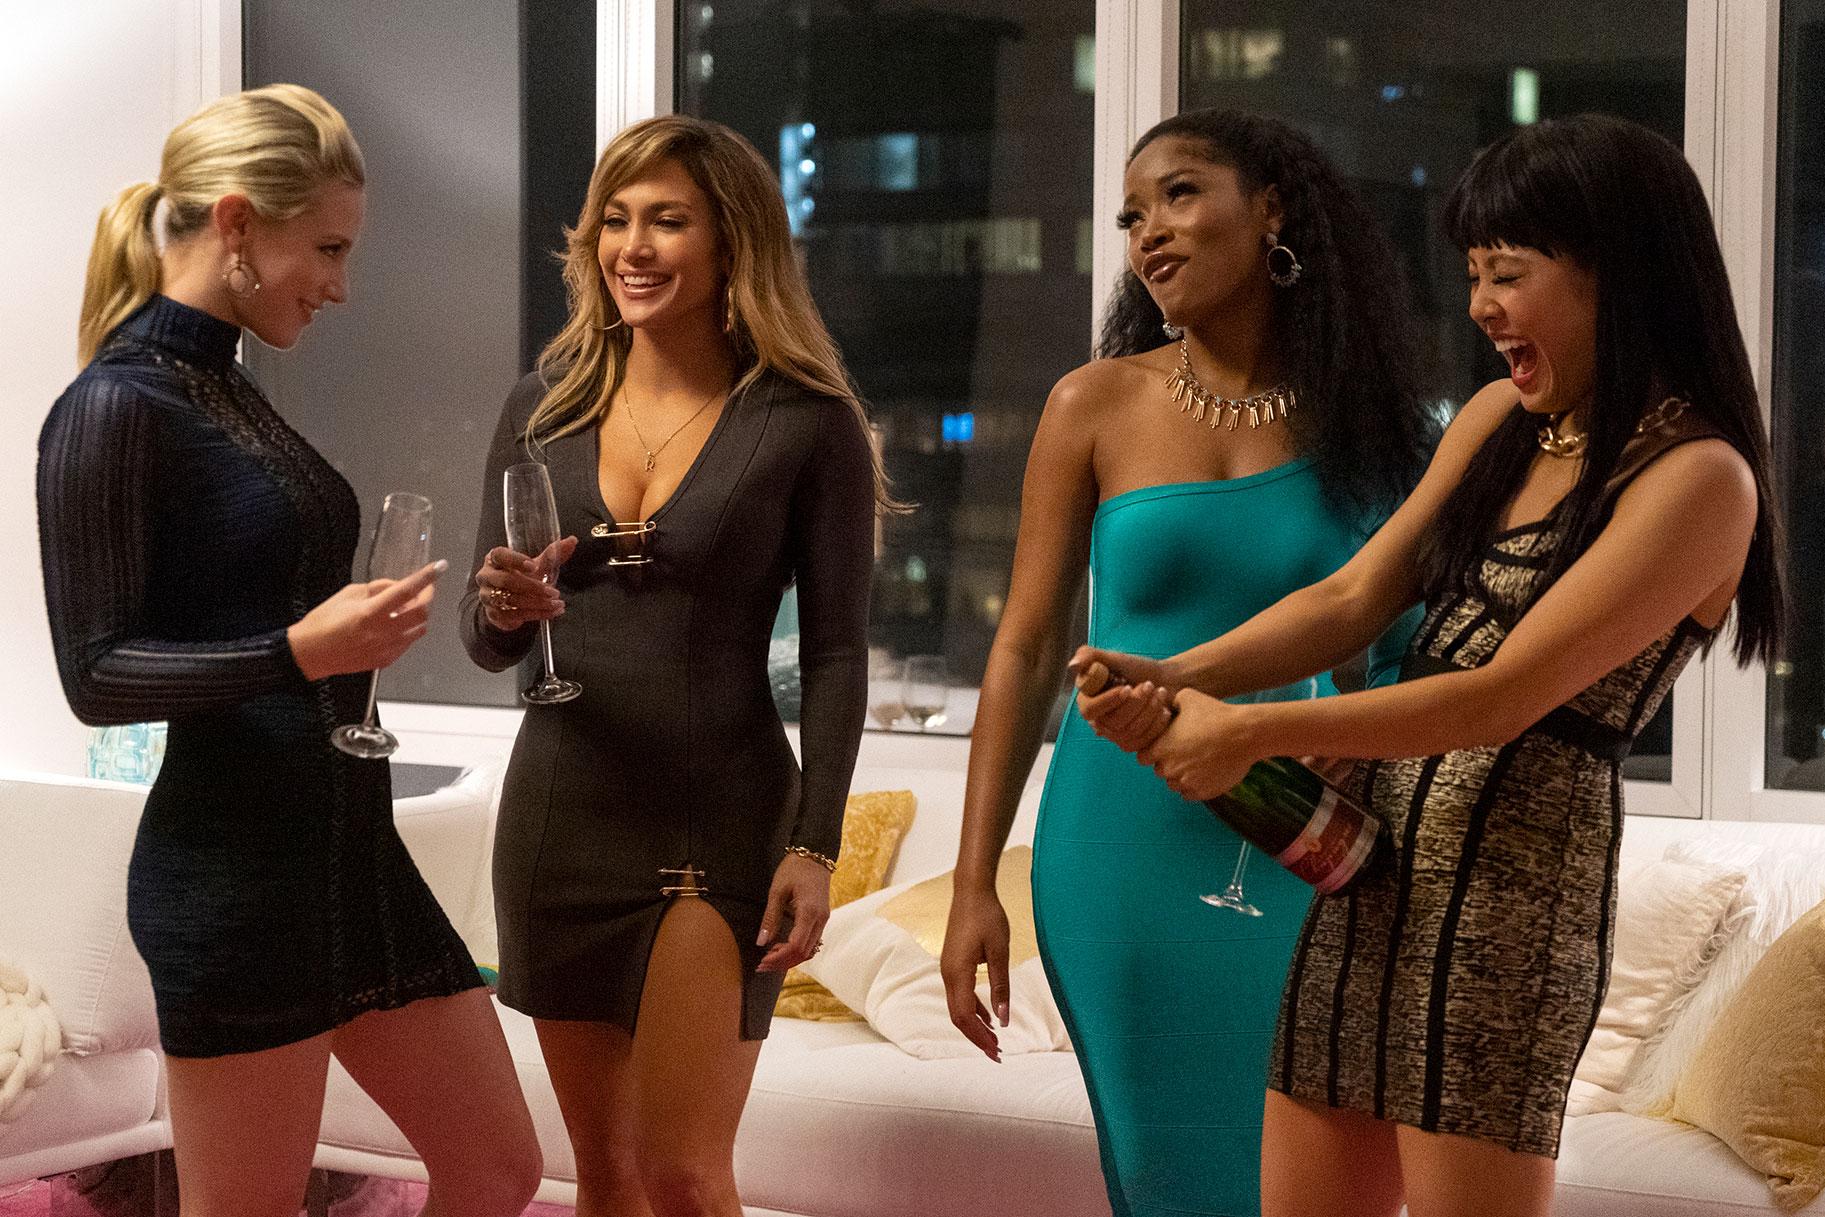 J.Lo ja Cardi B Pole Dance ning kelmikad rikkad poisid filmis 'Hustlers', mis põhineb tõelool